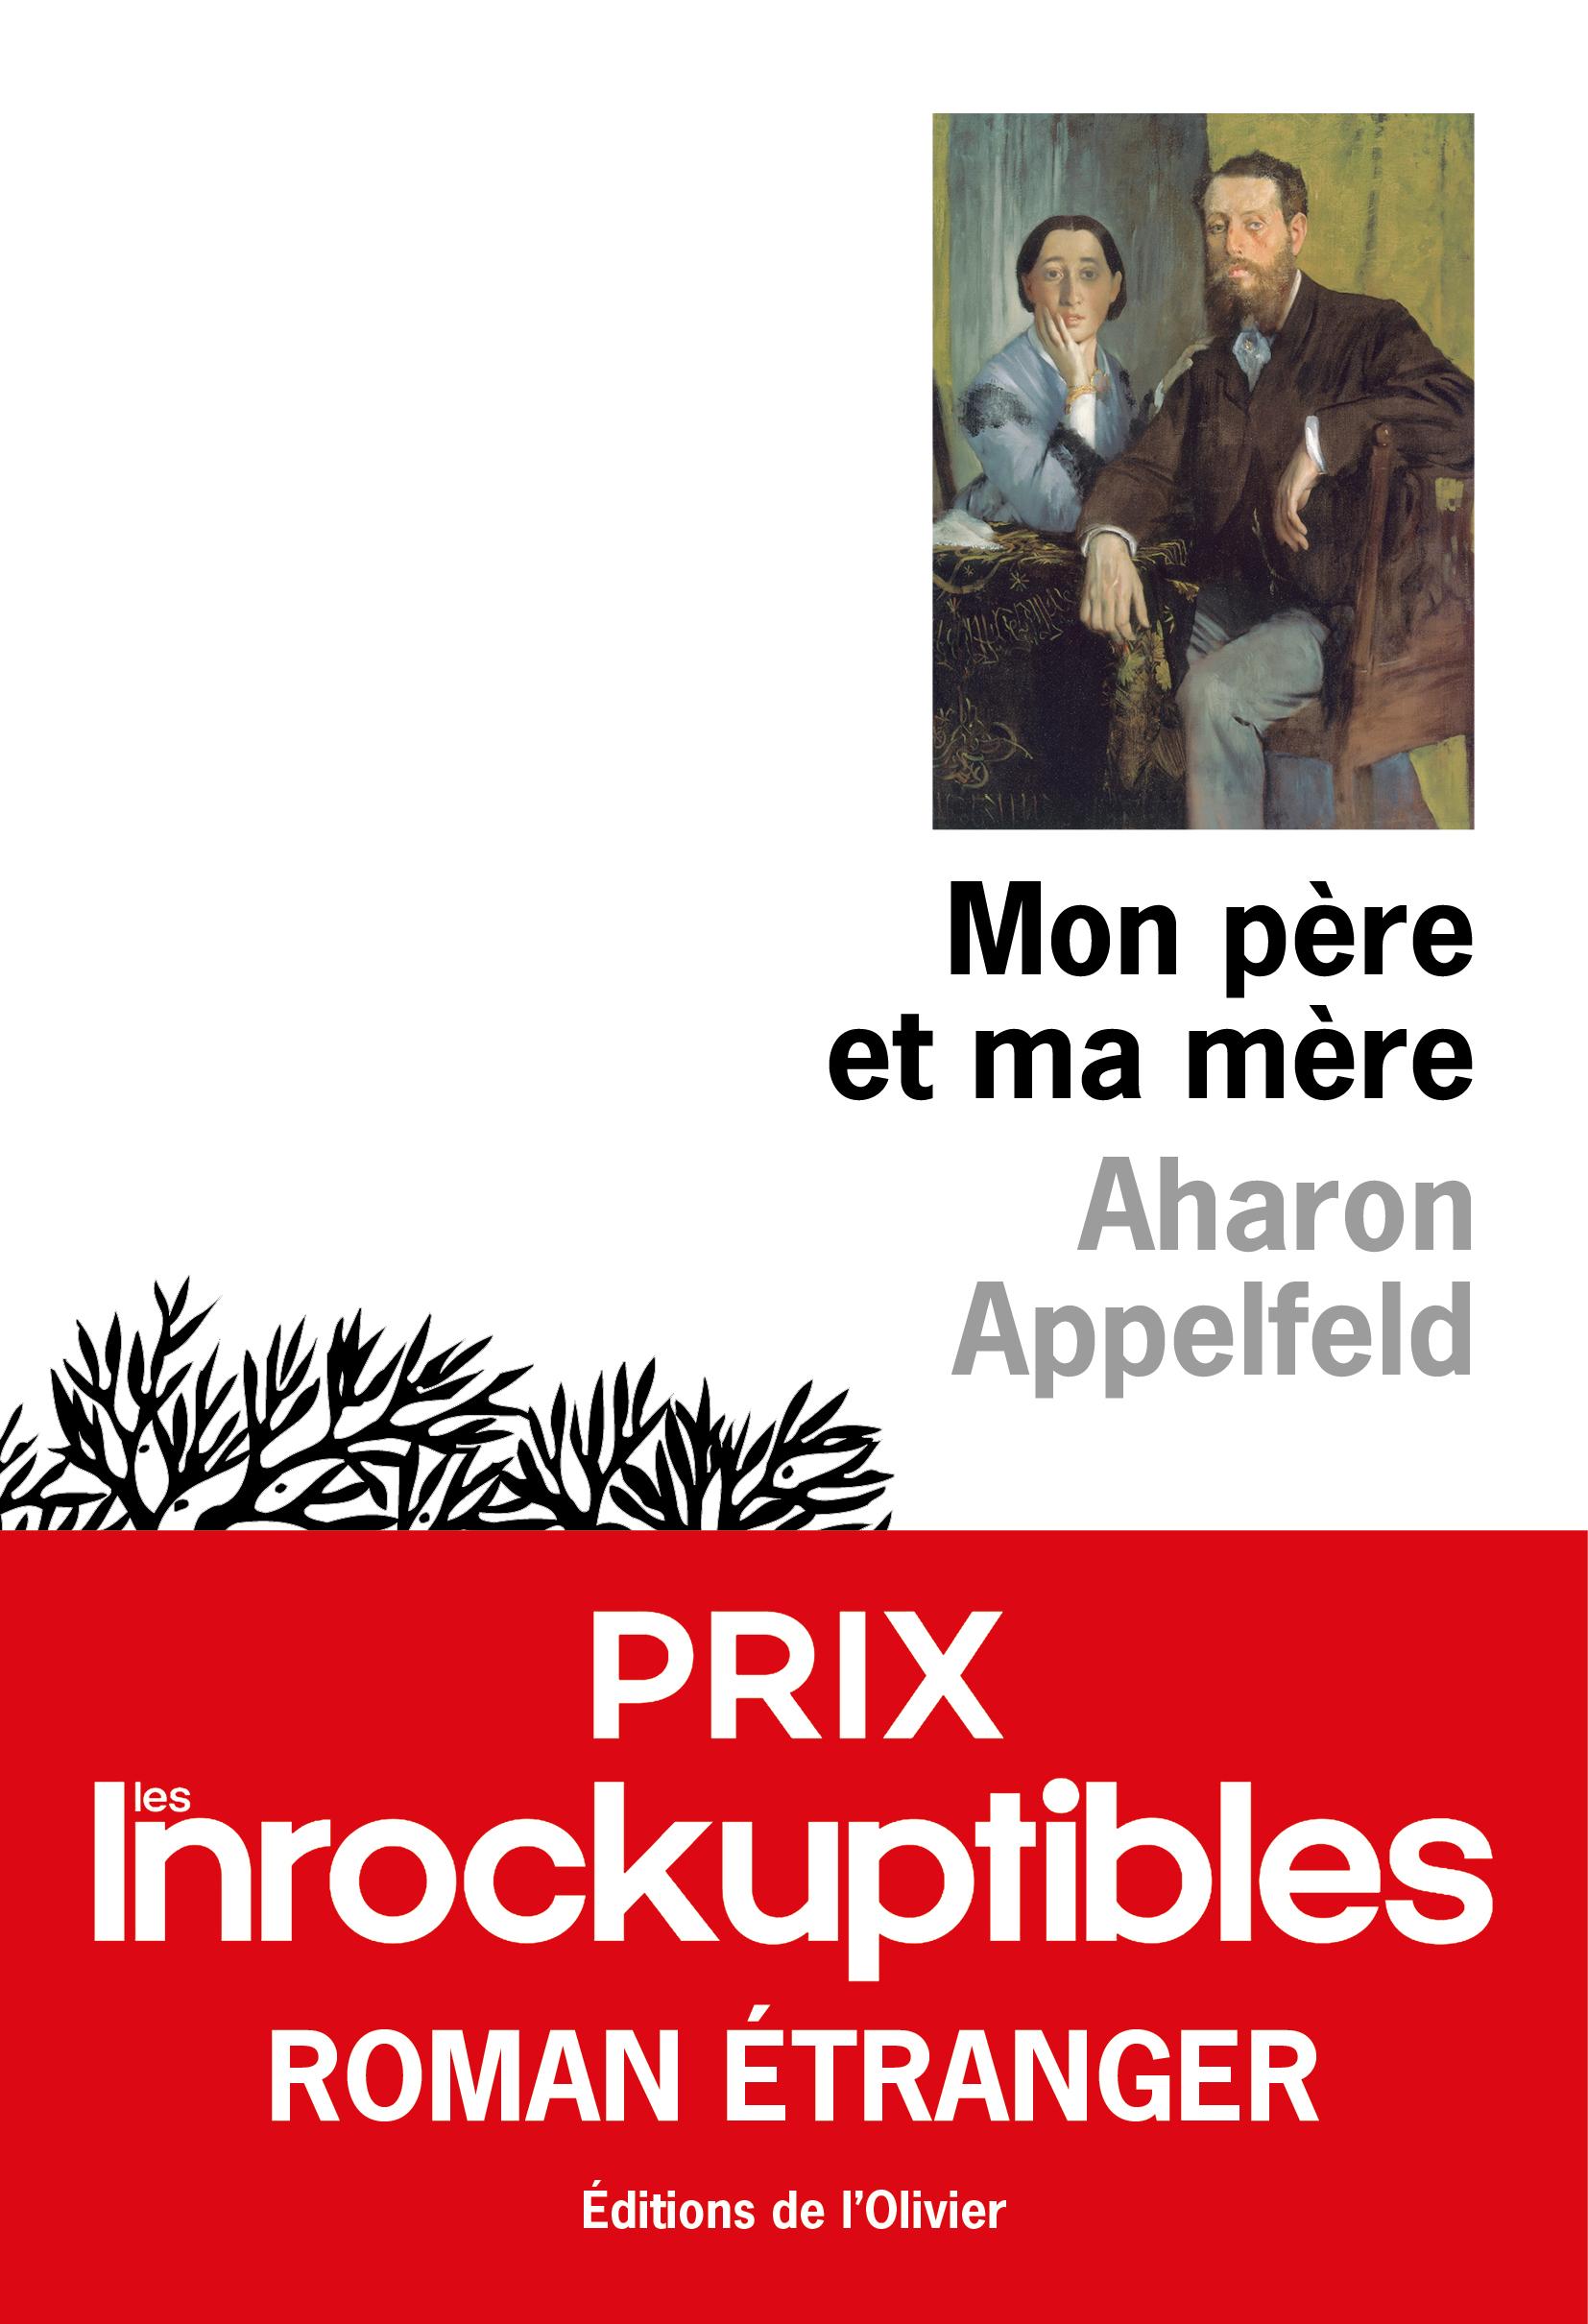 Mon père et ma mère - Prix Les Inrockuptibles Roman étranger 2020